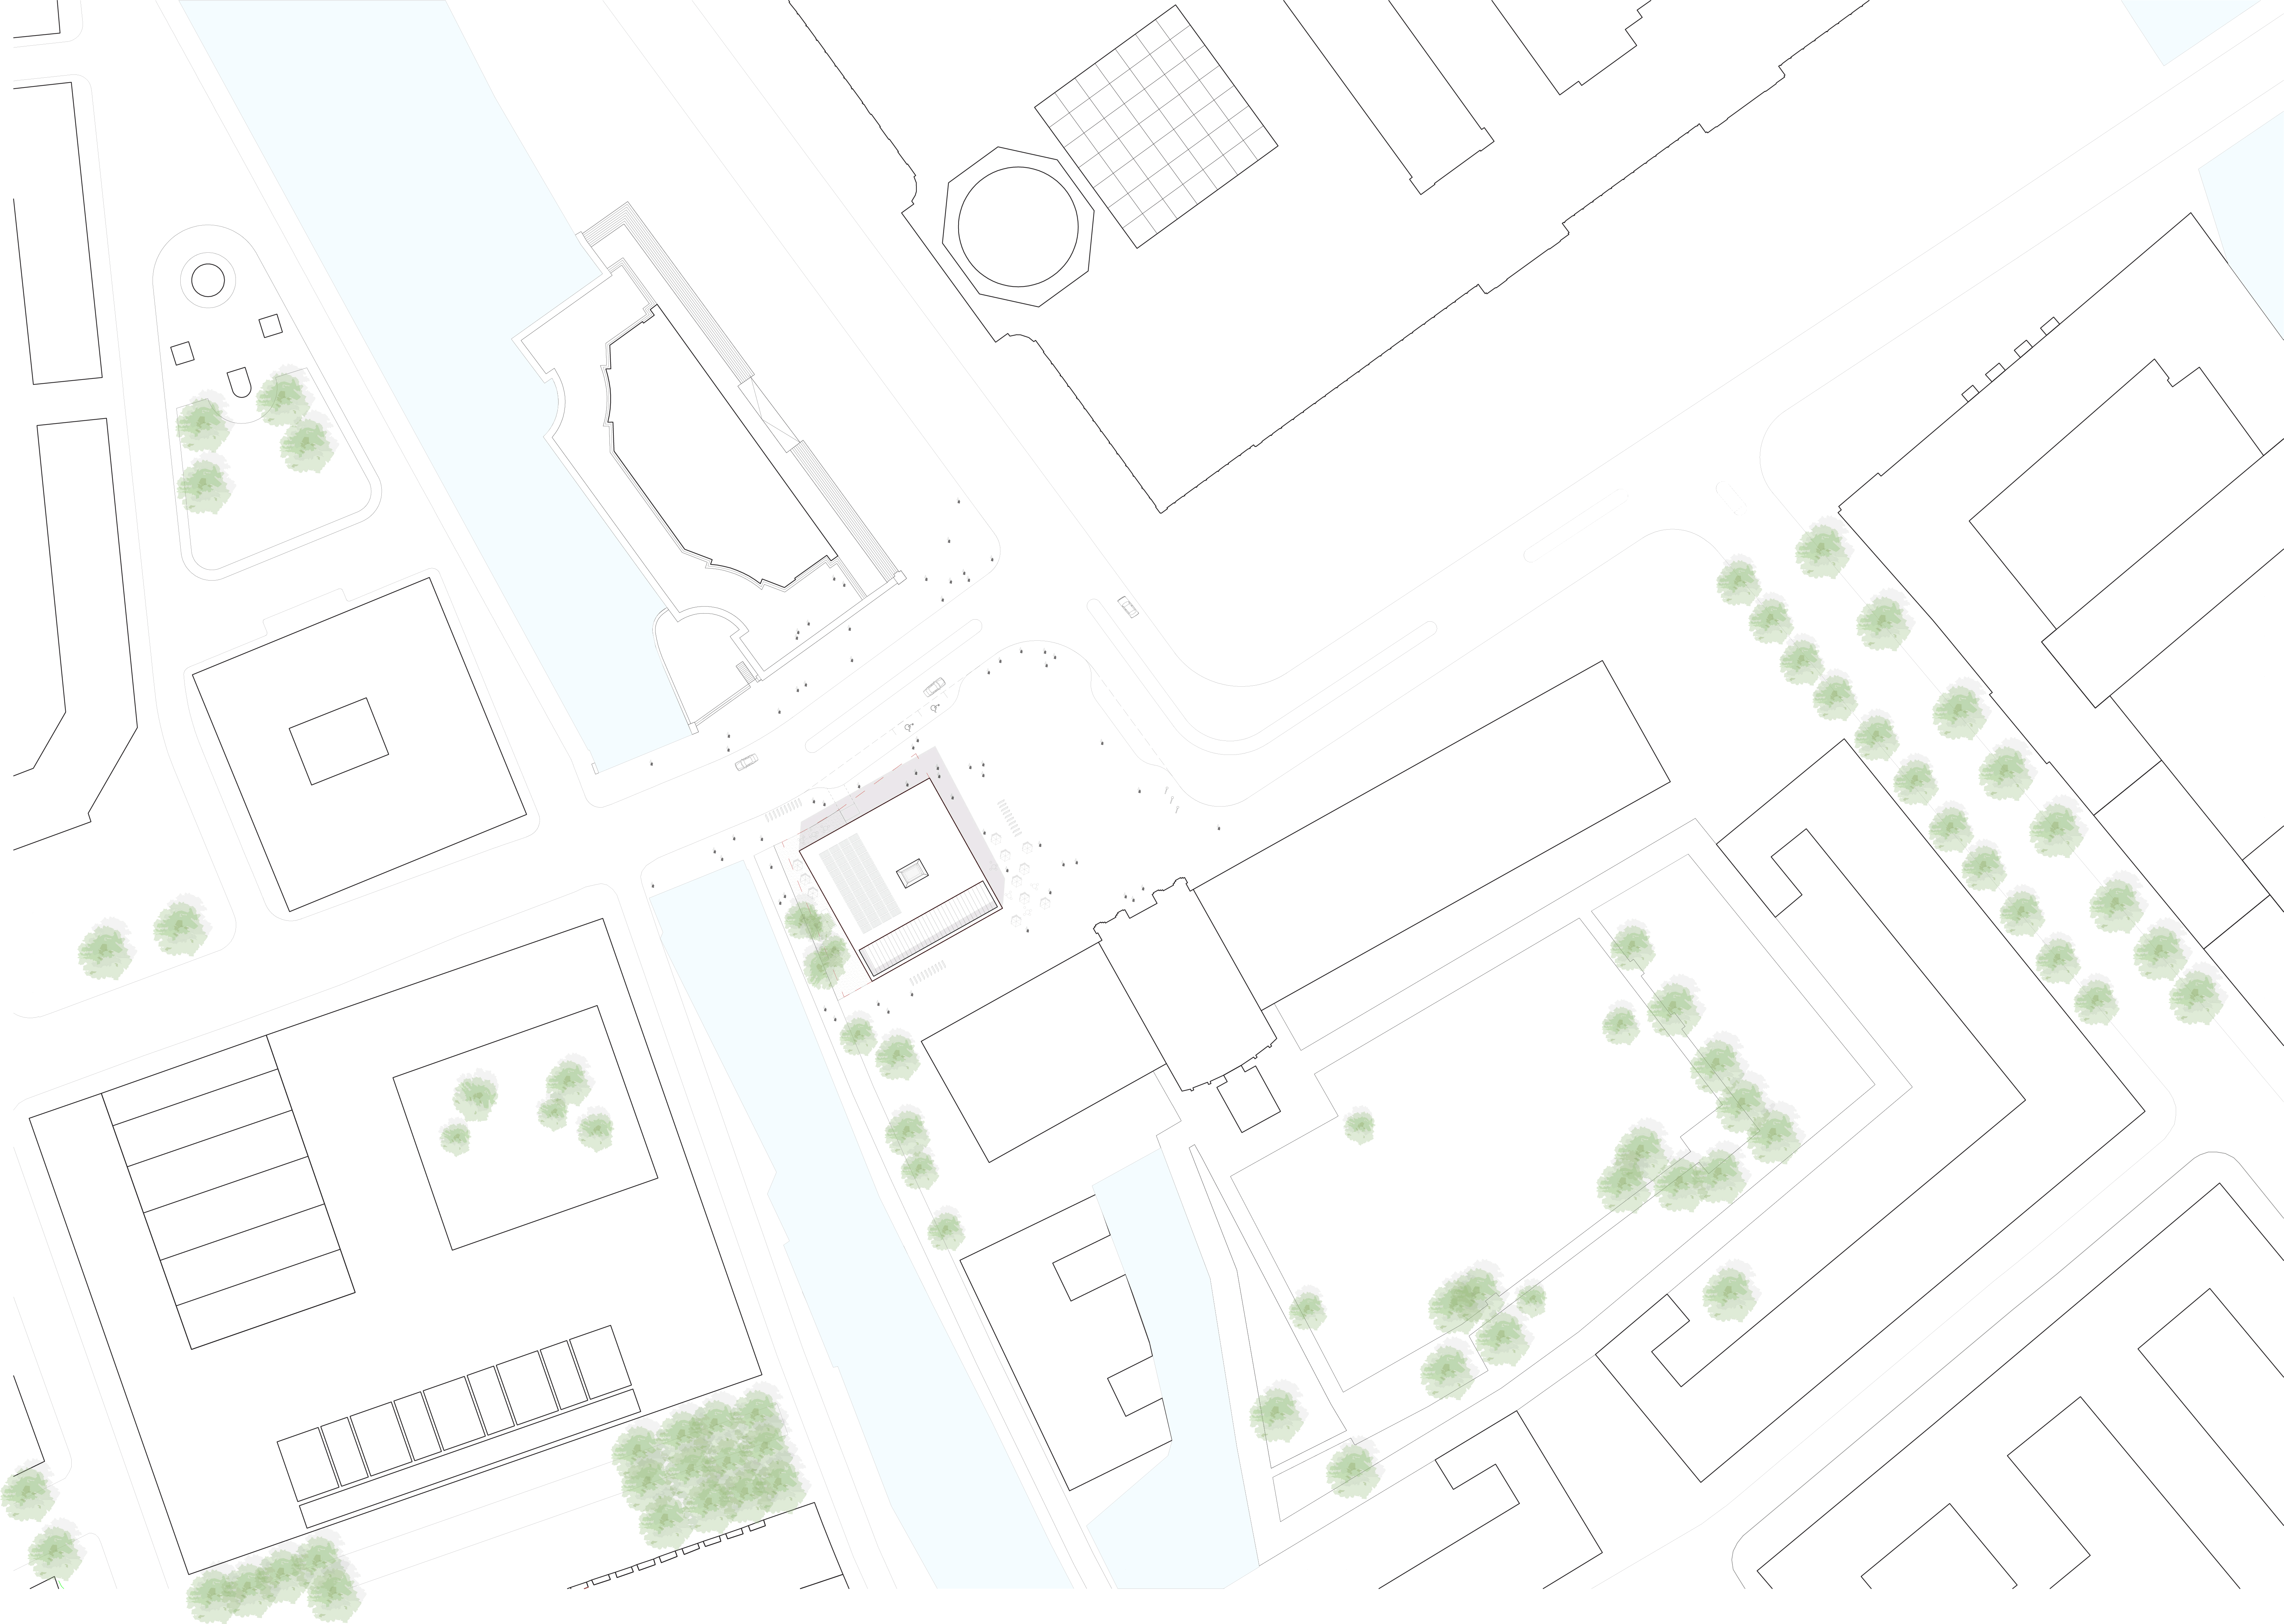 Siteplan_1.500_A1